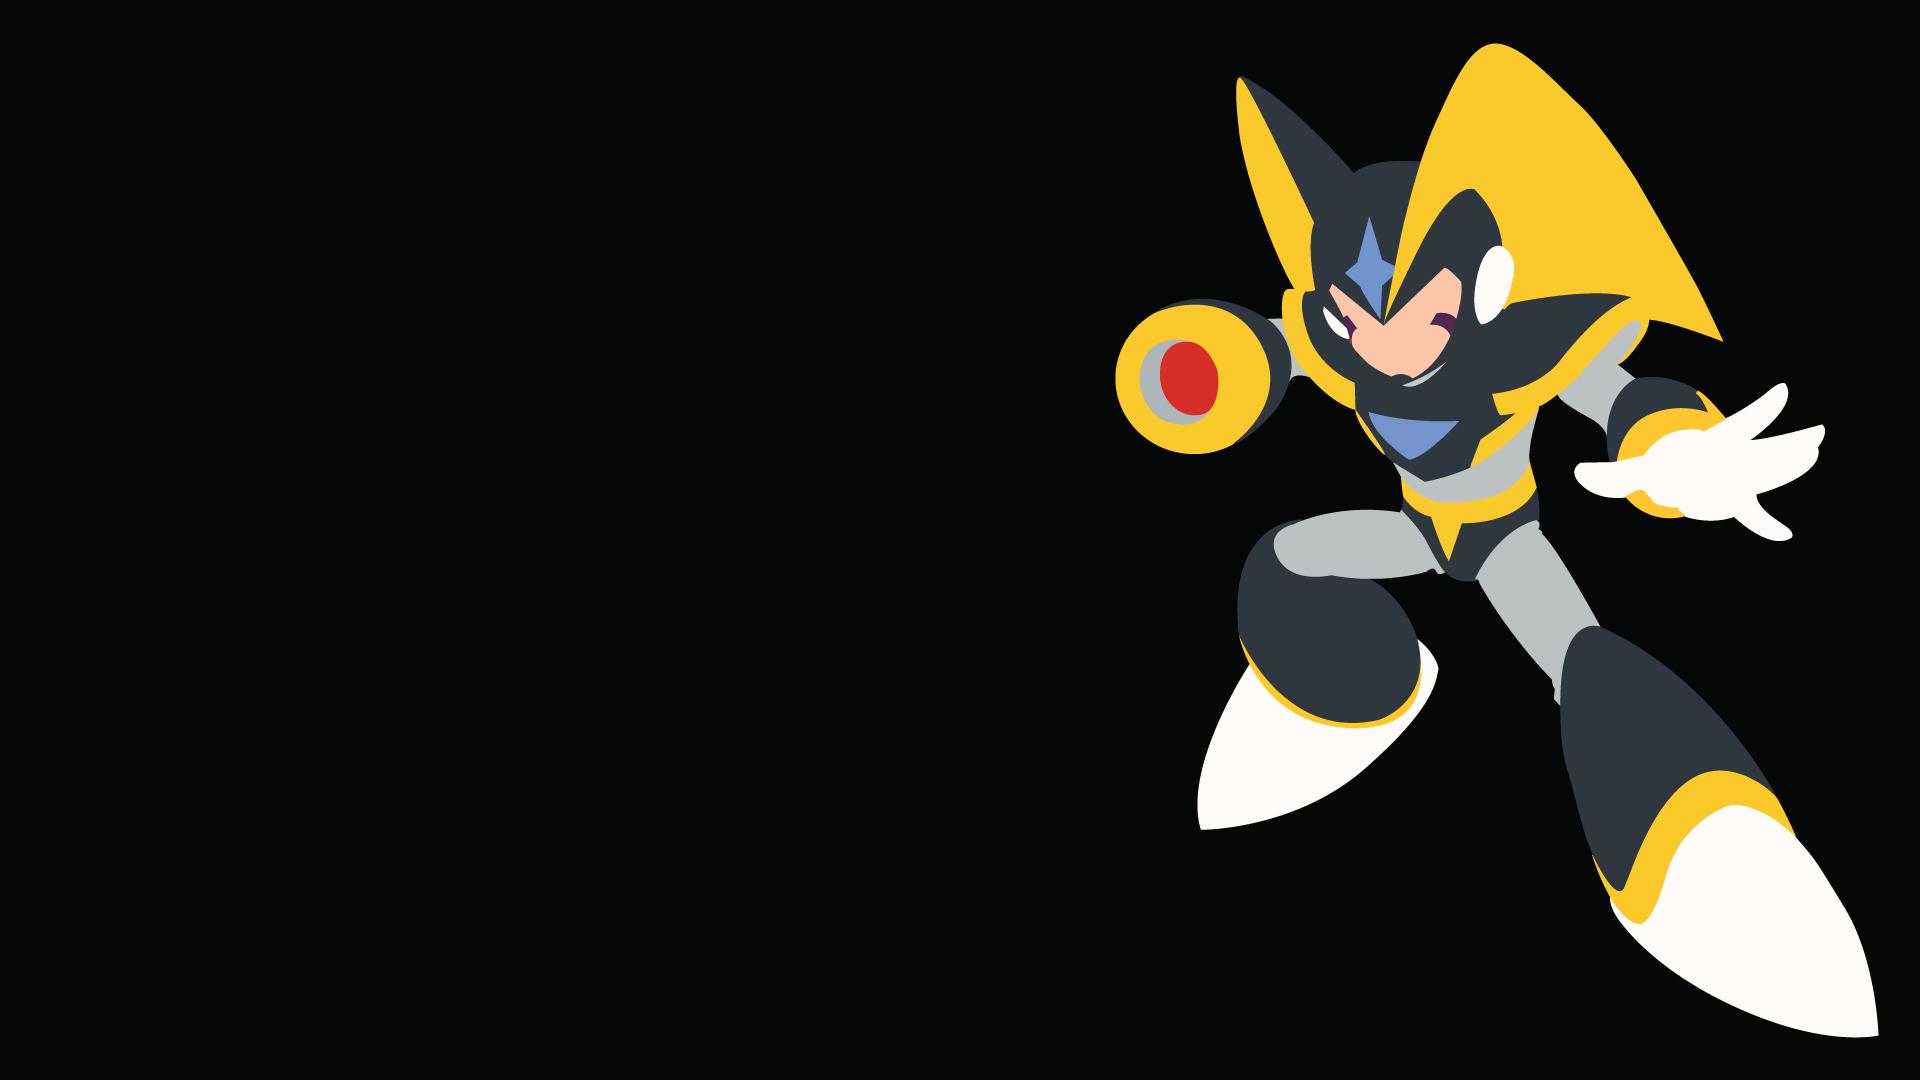 Bass Megaman Mega Man 10 Minimalist Wallpaper Resolution 1920x1080 Id 762032 Wallha Com